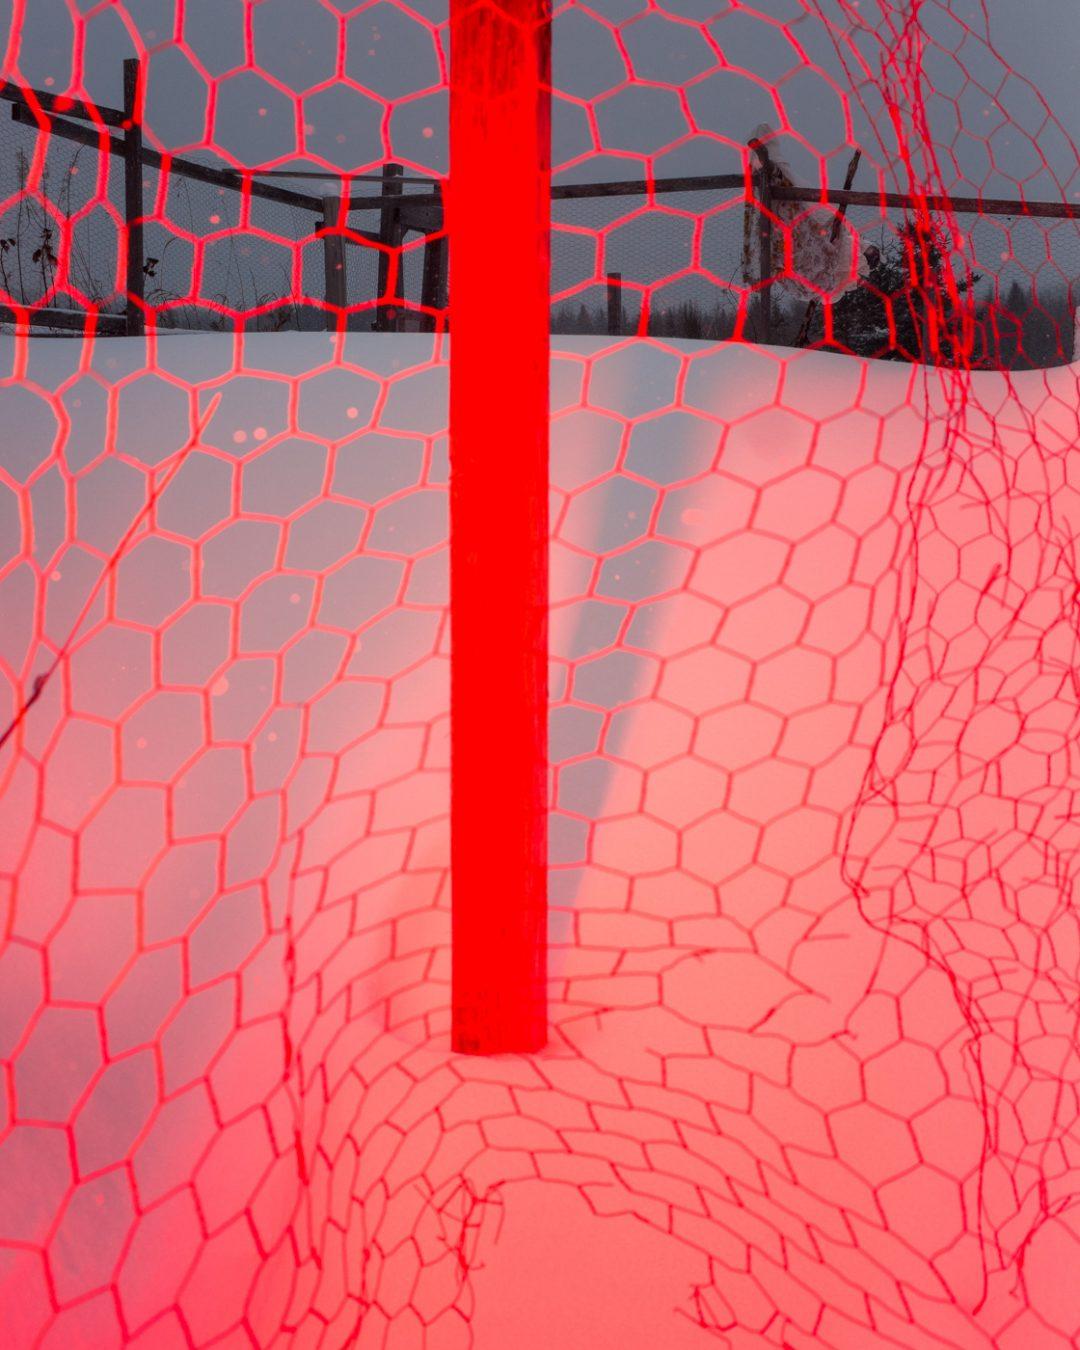 नेट के साथ बर्फ में लाल पोस्ट